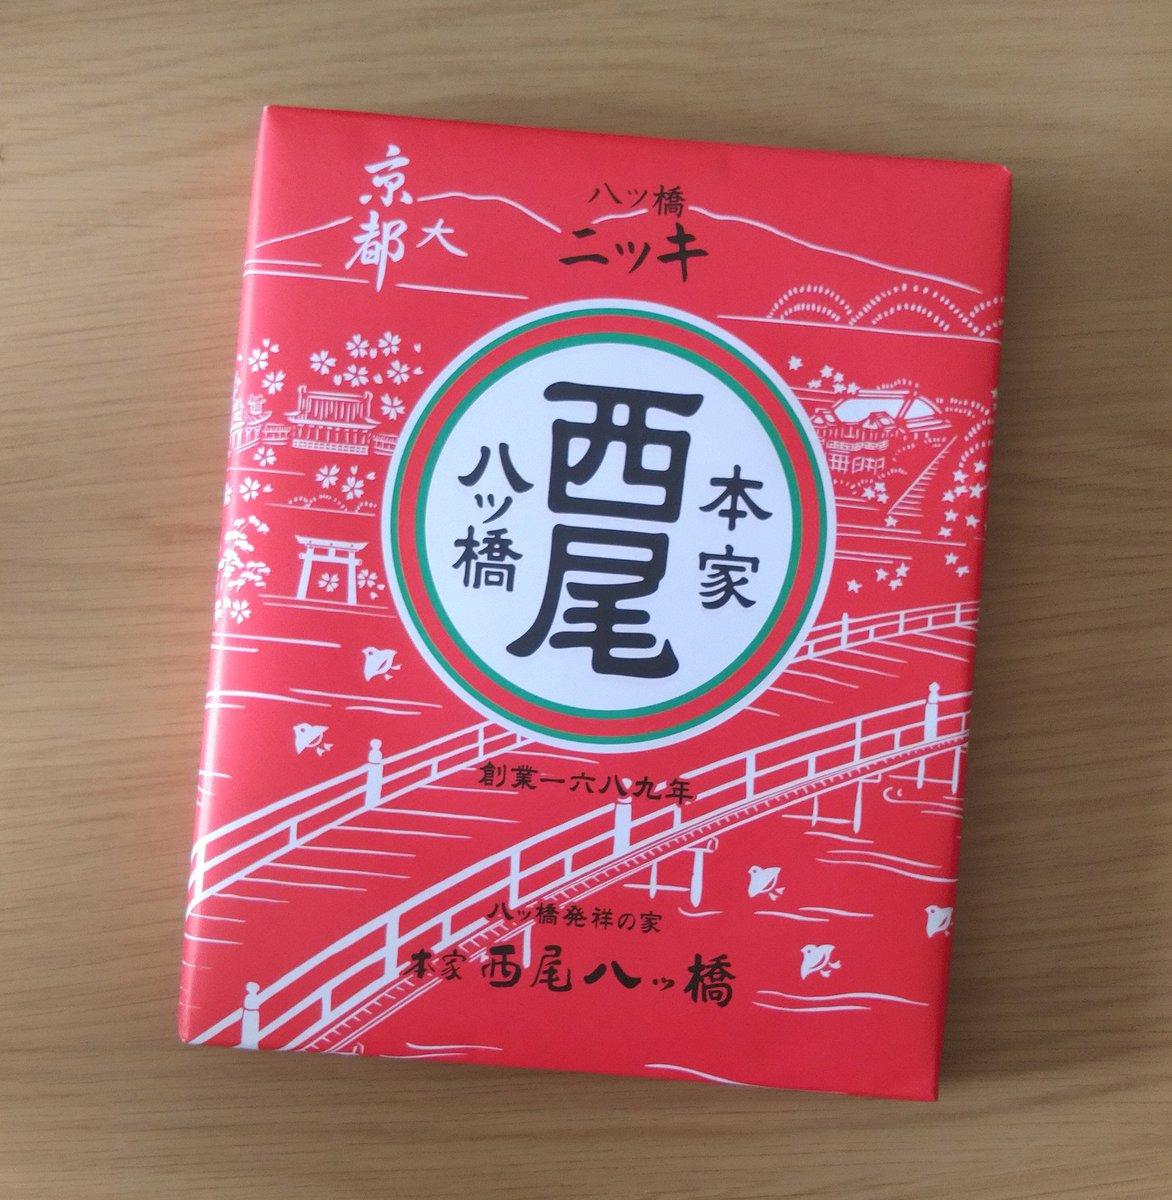 test ツイッターメディア - #おんらいん京都マラソン  #ライブラン おんらいん京都マラソンのハッシュタグキャンペーンに当選しました✨  八つ橋といえば生八つ橋のイメージですけど、乾いた八つ橋もいいね😊🎵 ありがとうございます➰💕 https://t.co/7OO0MfPoLL